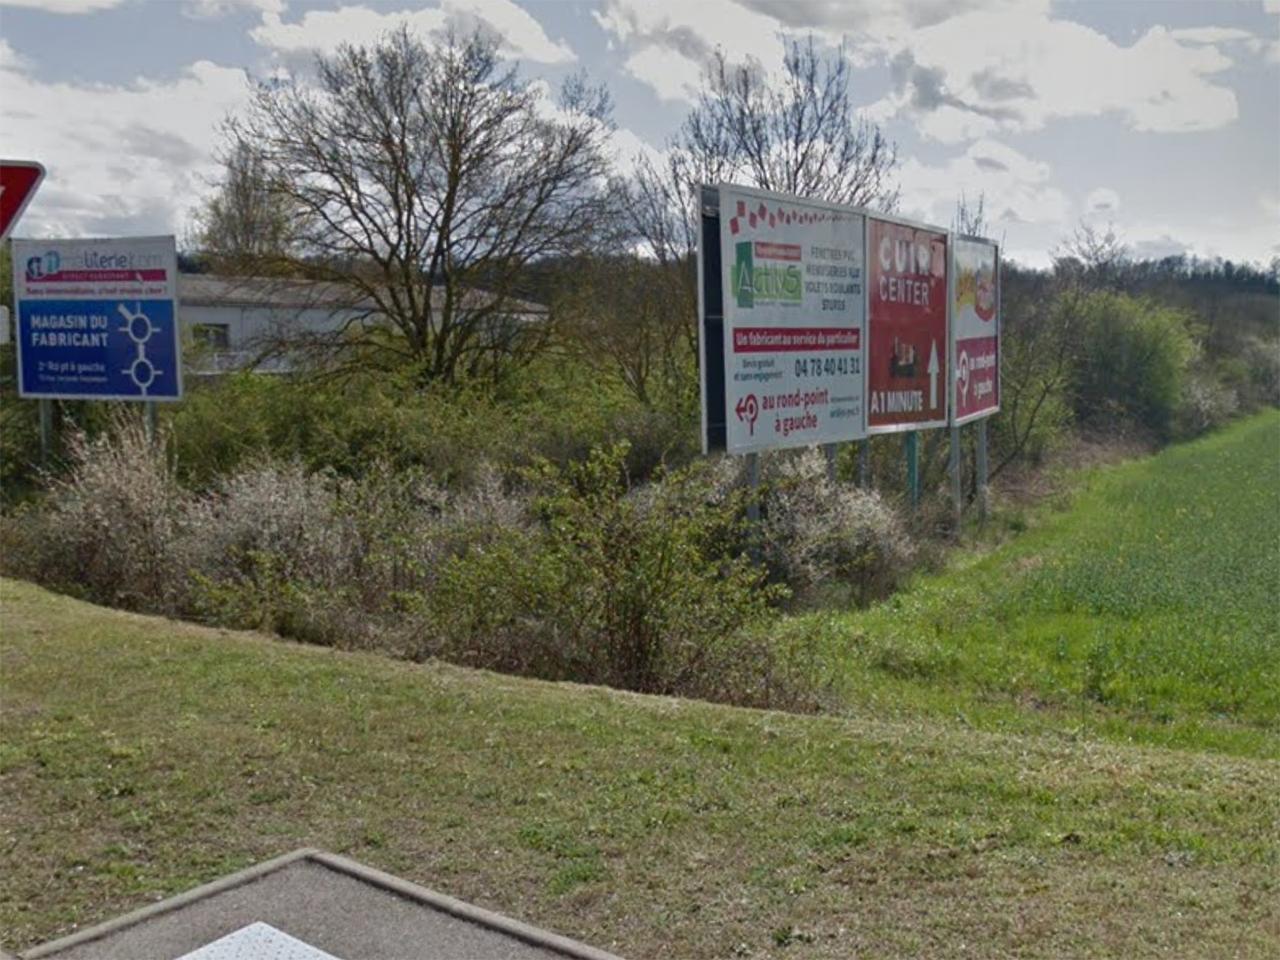 Près de Lyon, une mairie a pu faire retirer des publicités illégales après 5 ans de procédure